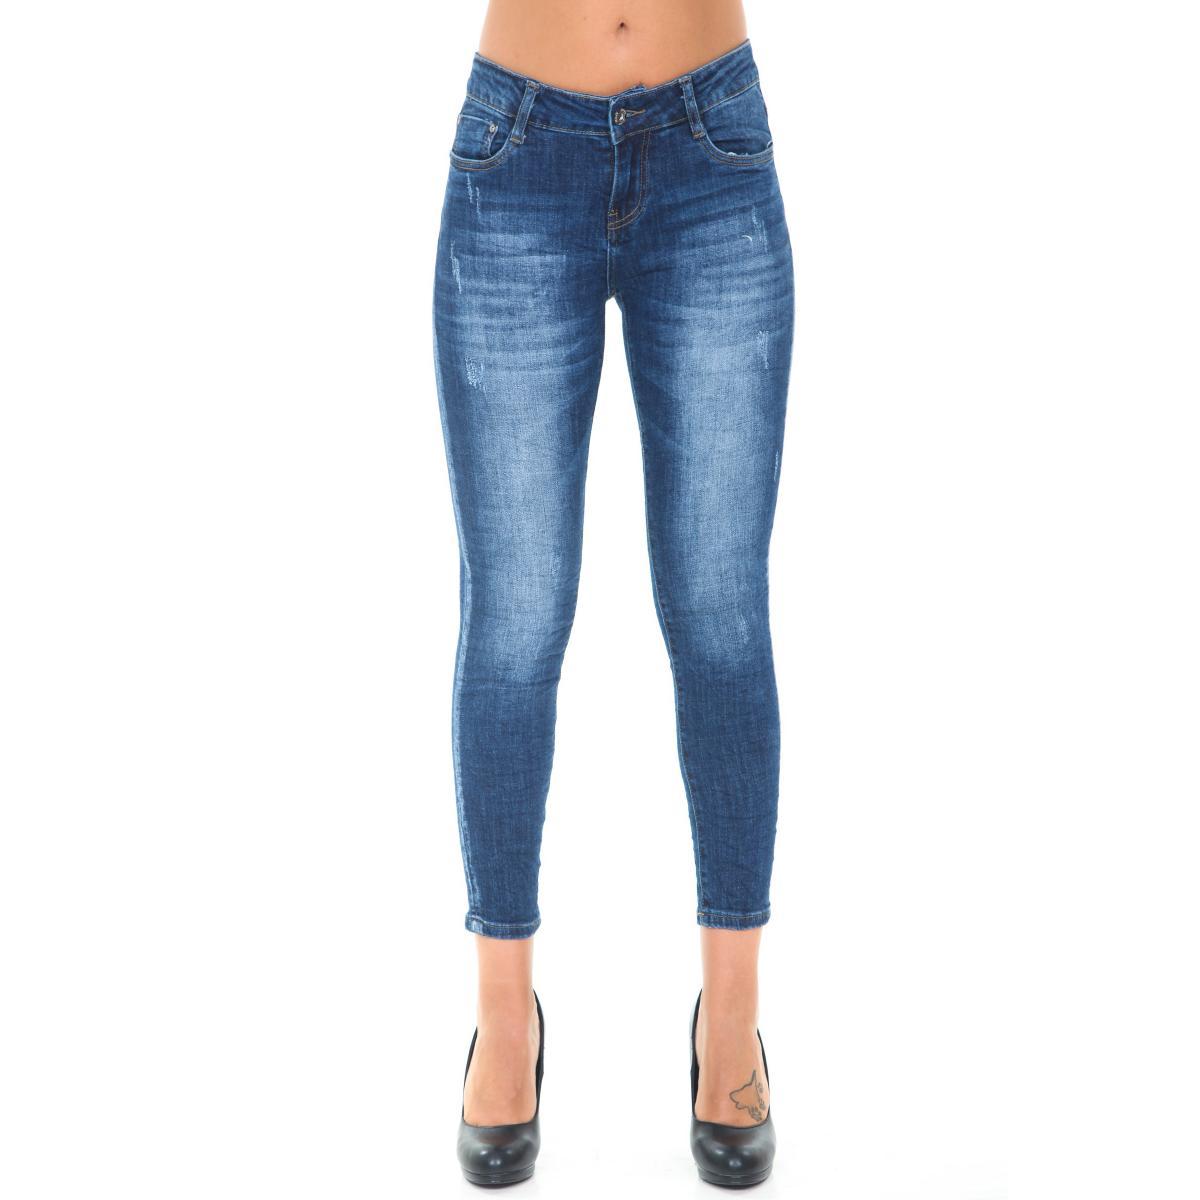 Pantaloni Jeans da donna